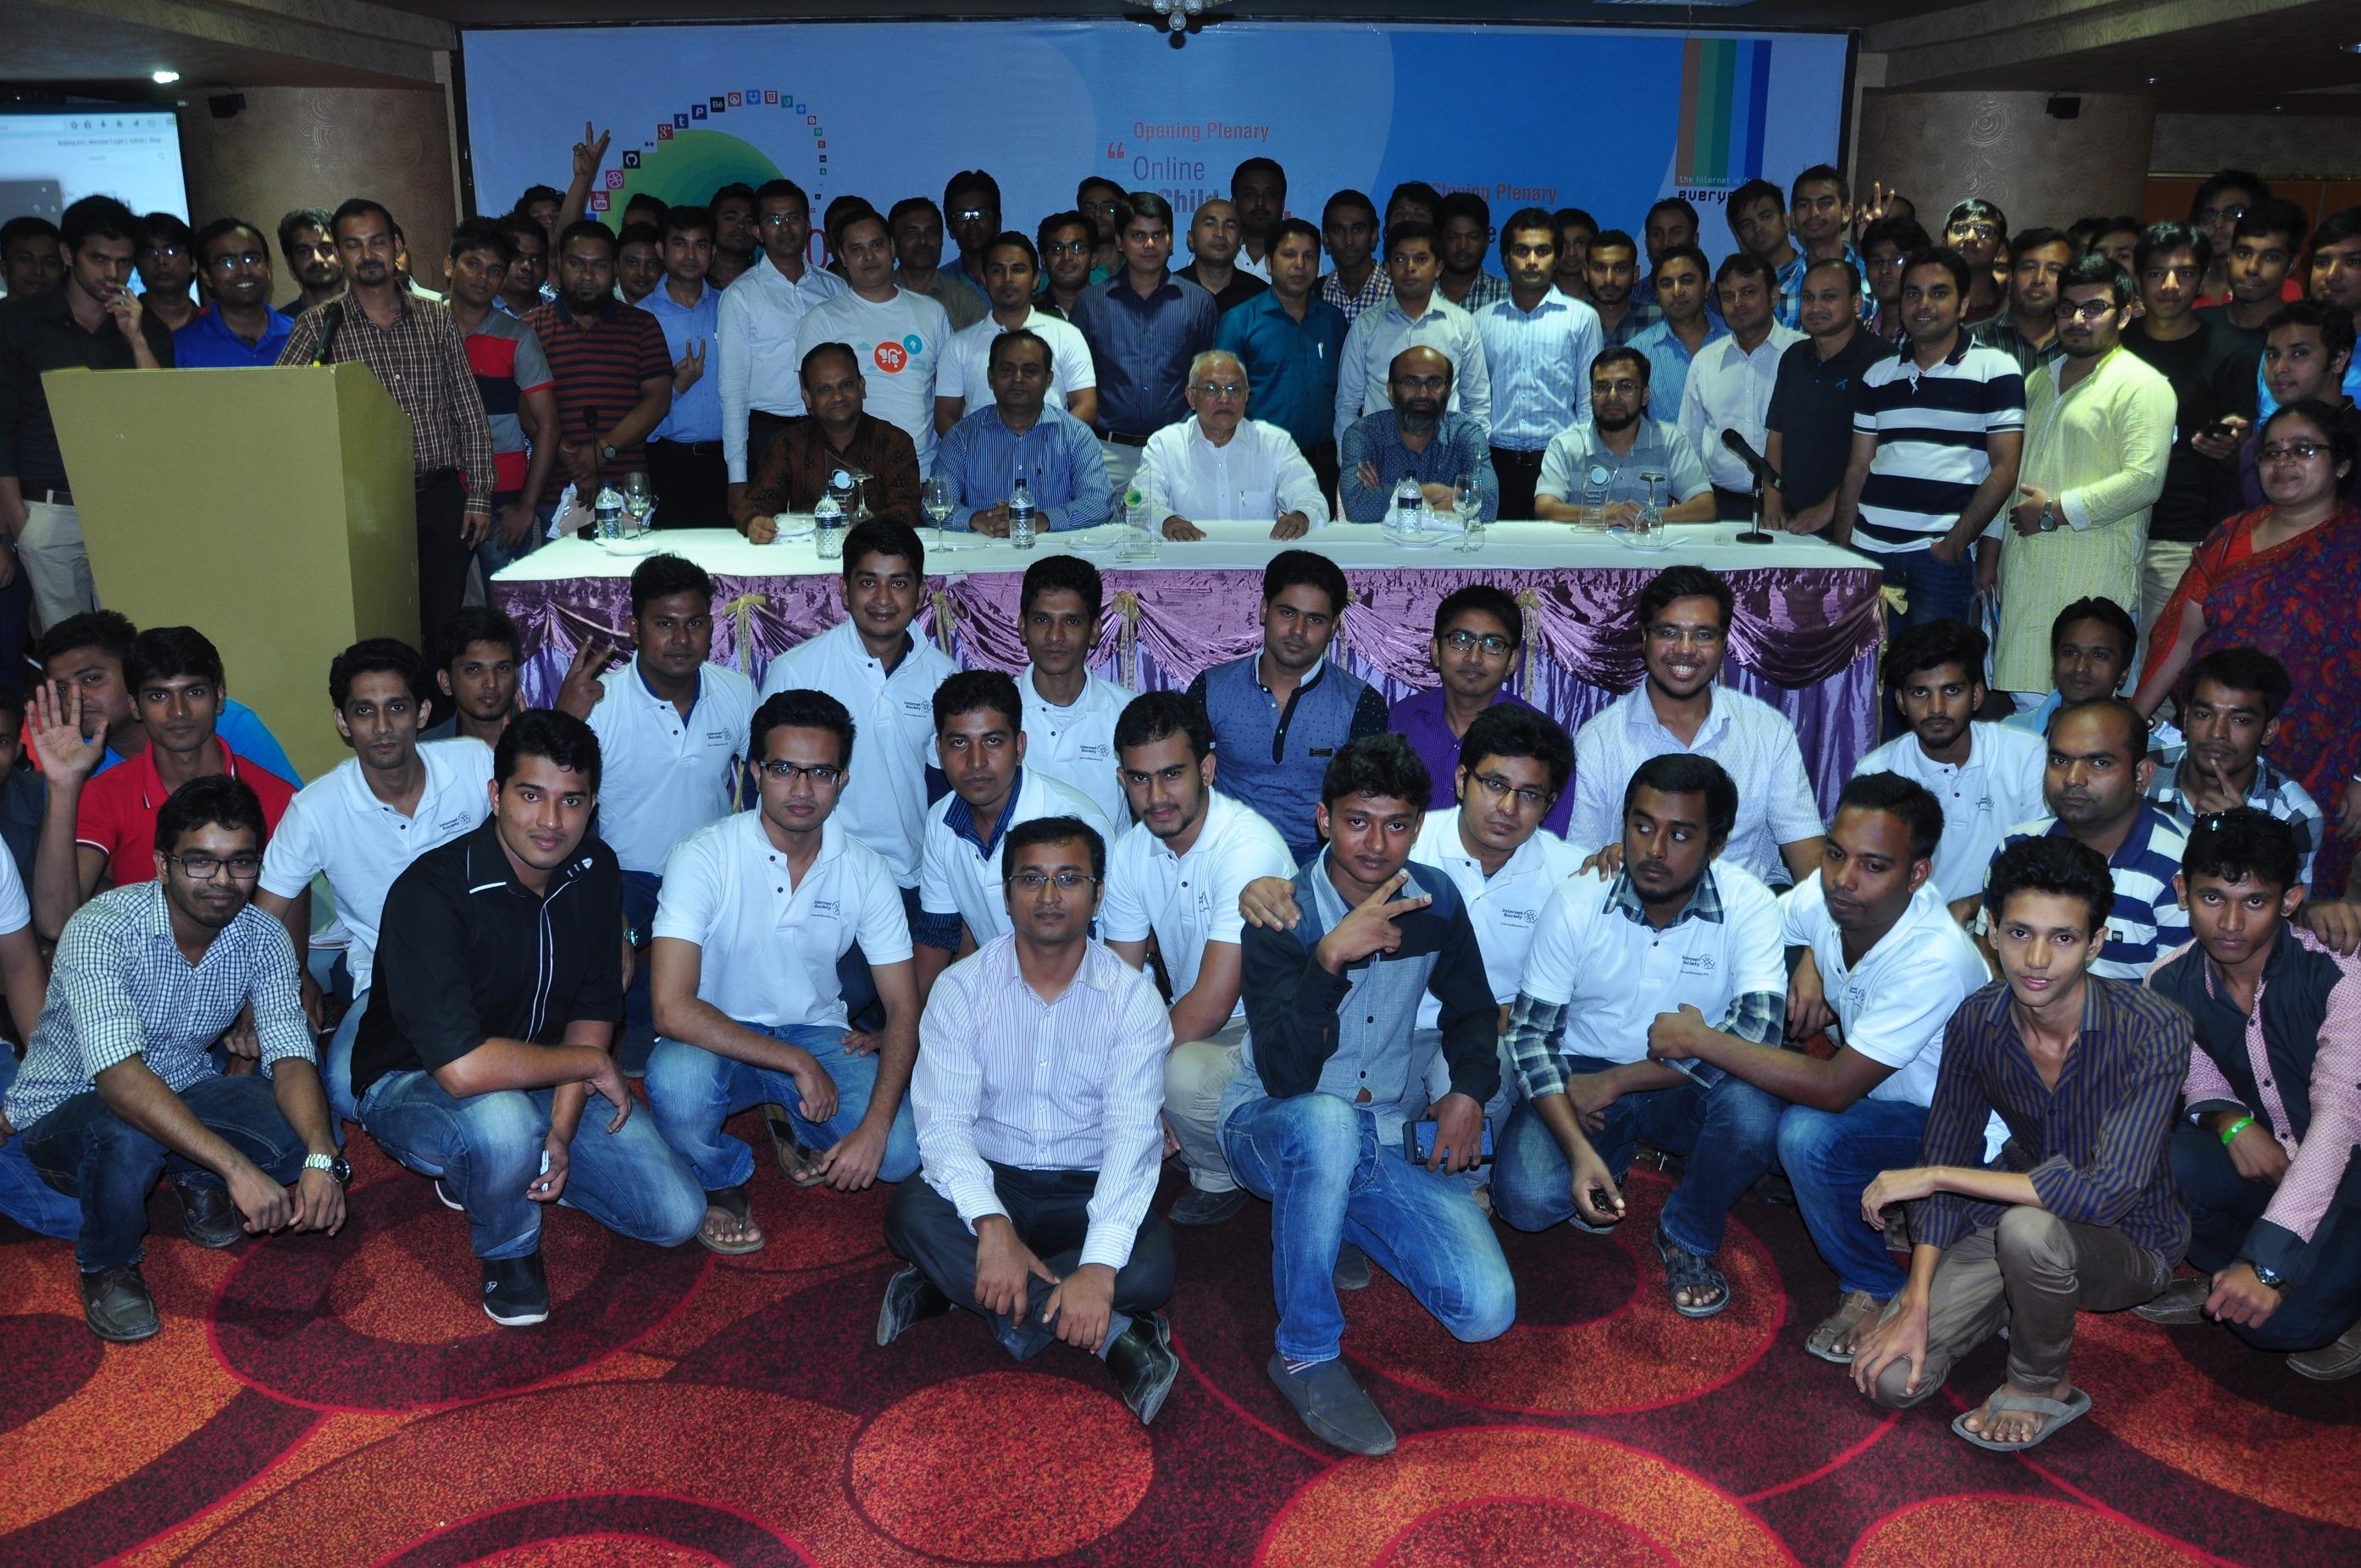 AIS Dhaka reflects on responsible use of social media in Bangladesh Thumbnail